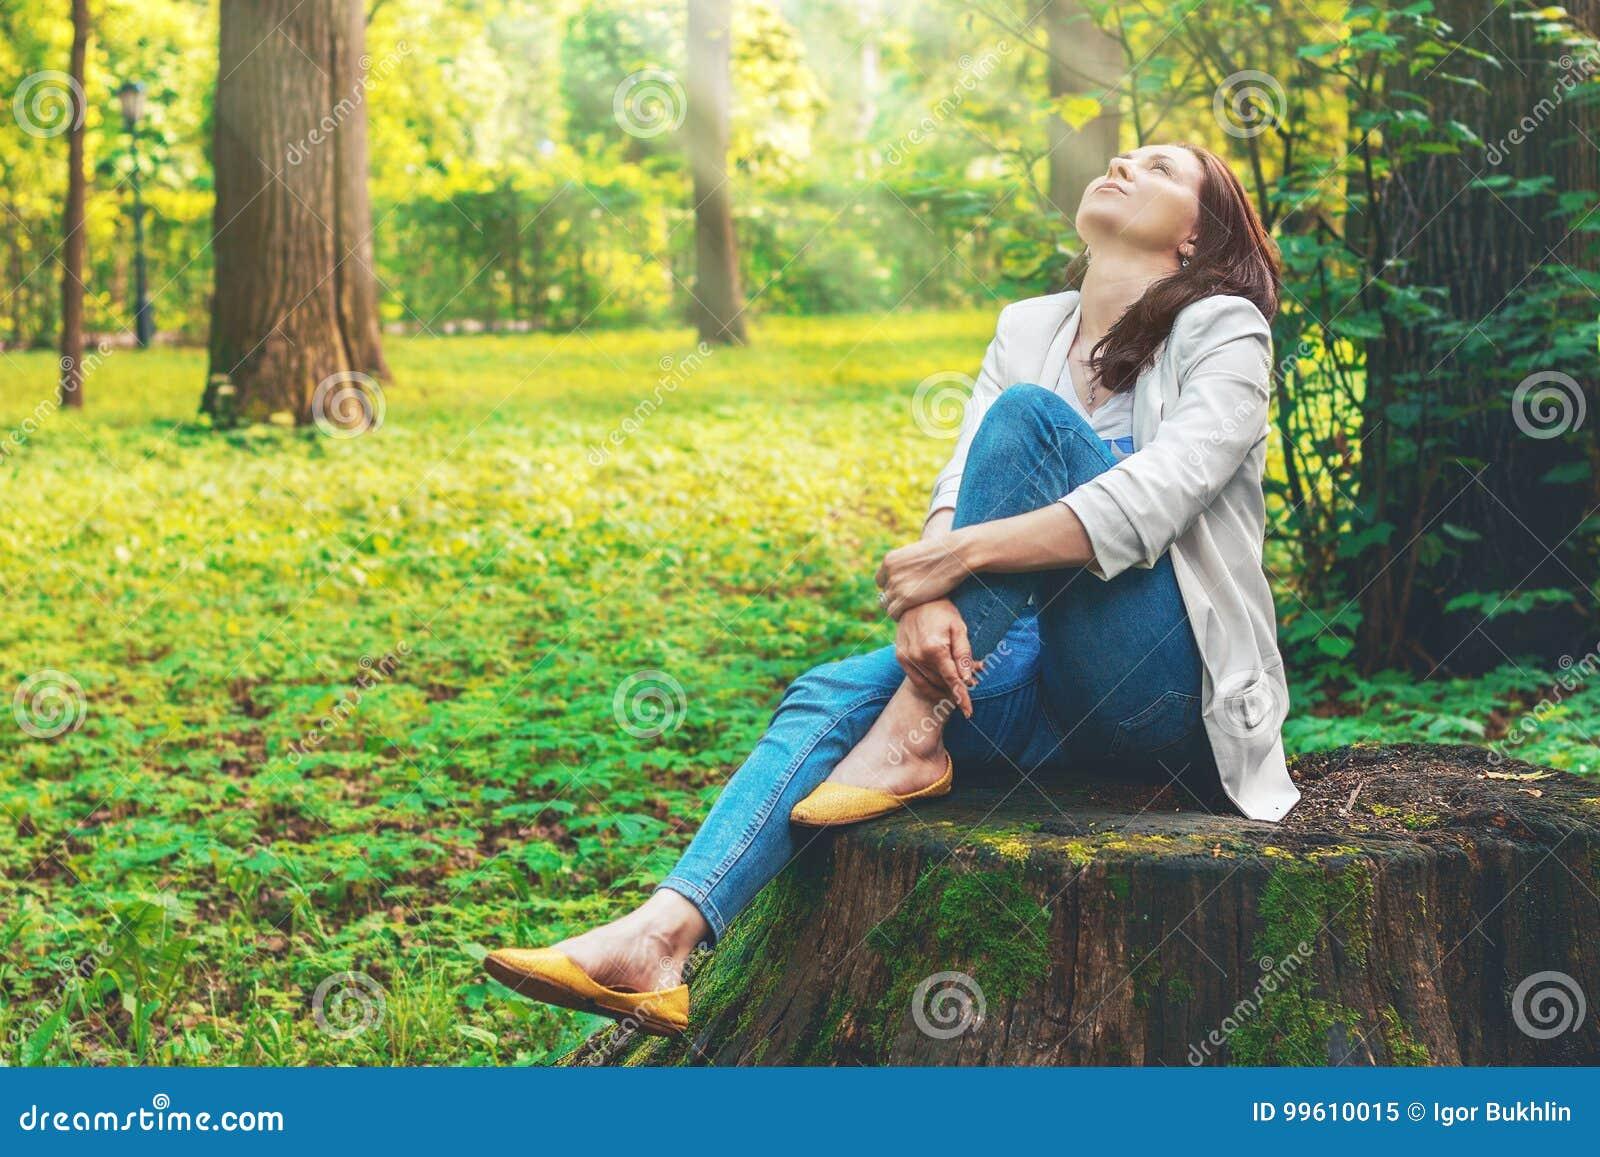 De leuke vrouw geniet van van schilderachtige aard Kamperend, rust Mooi meisje zit op een grote oude stomp in het bos